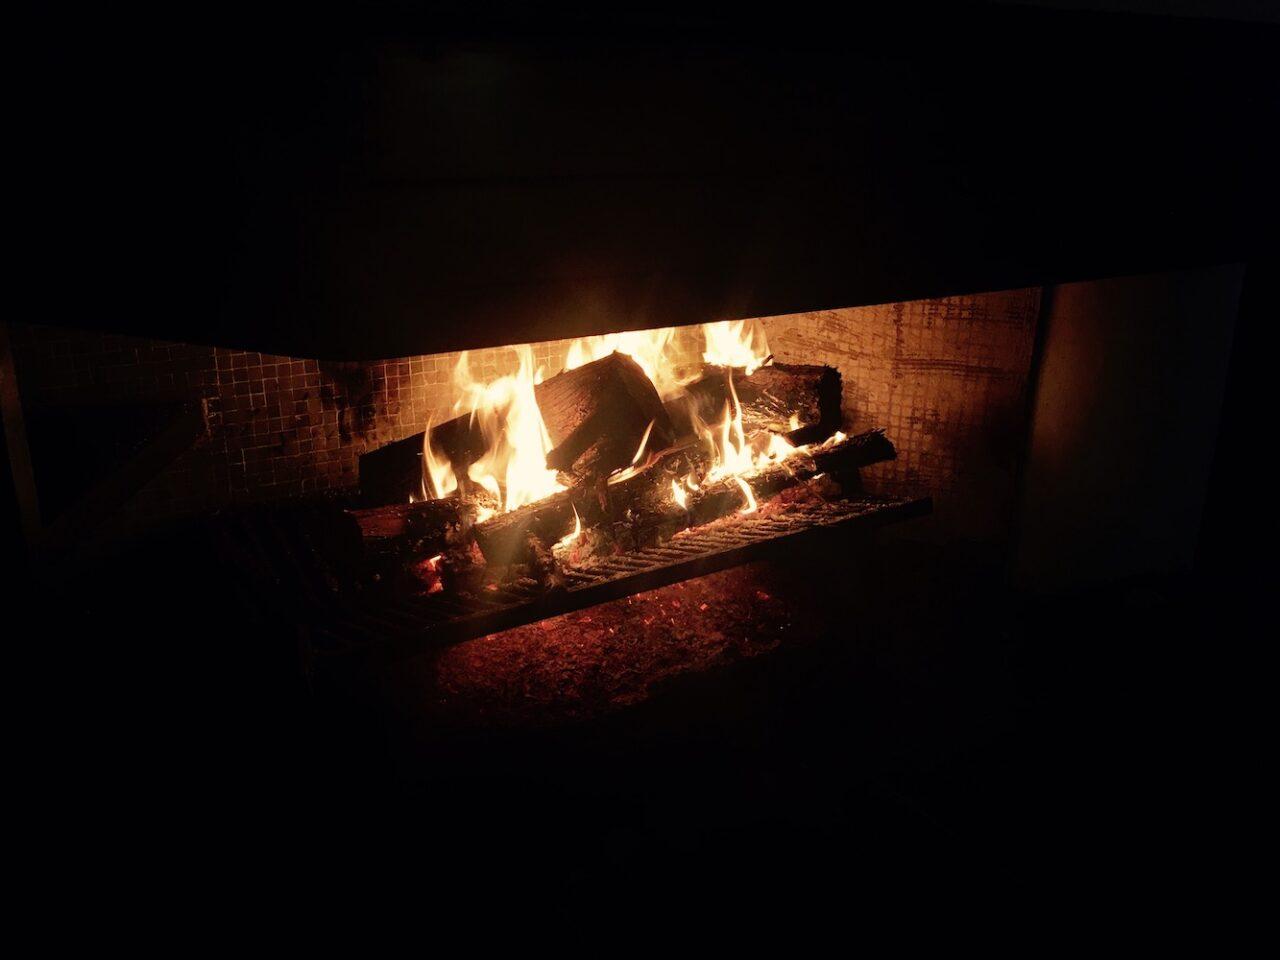 Winter in Sydney demands a little fire